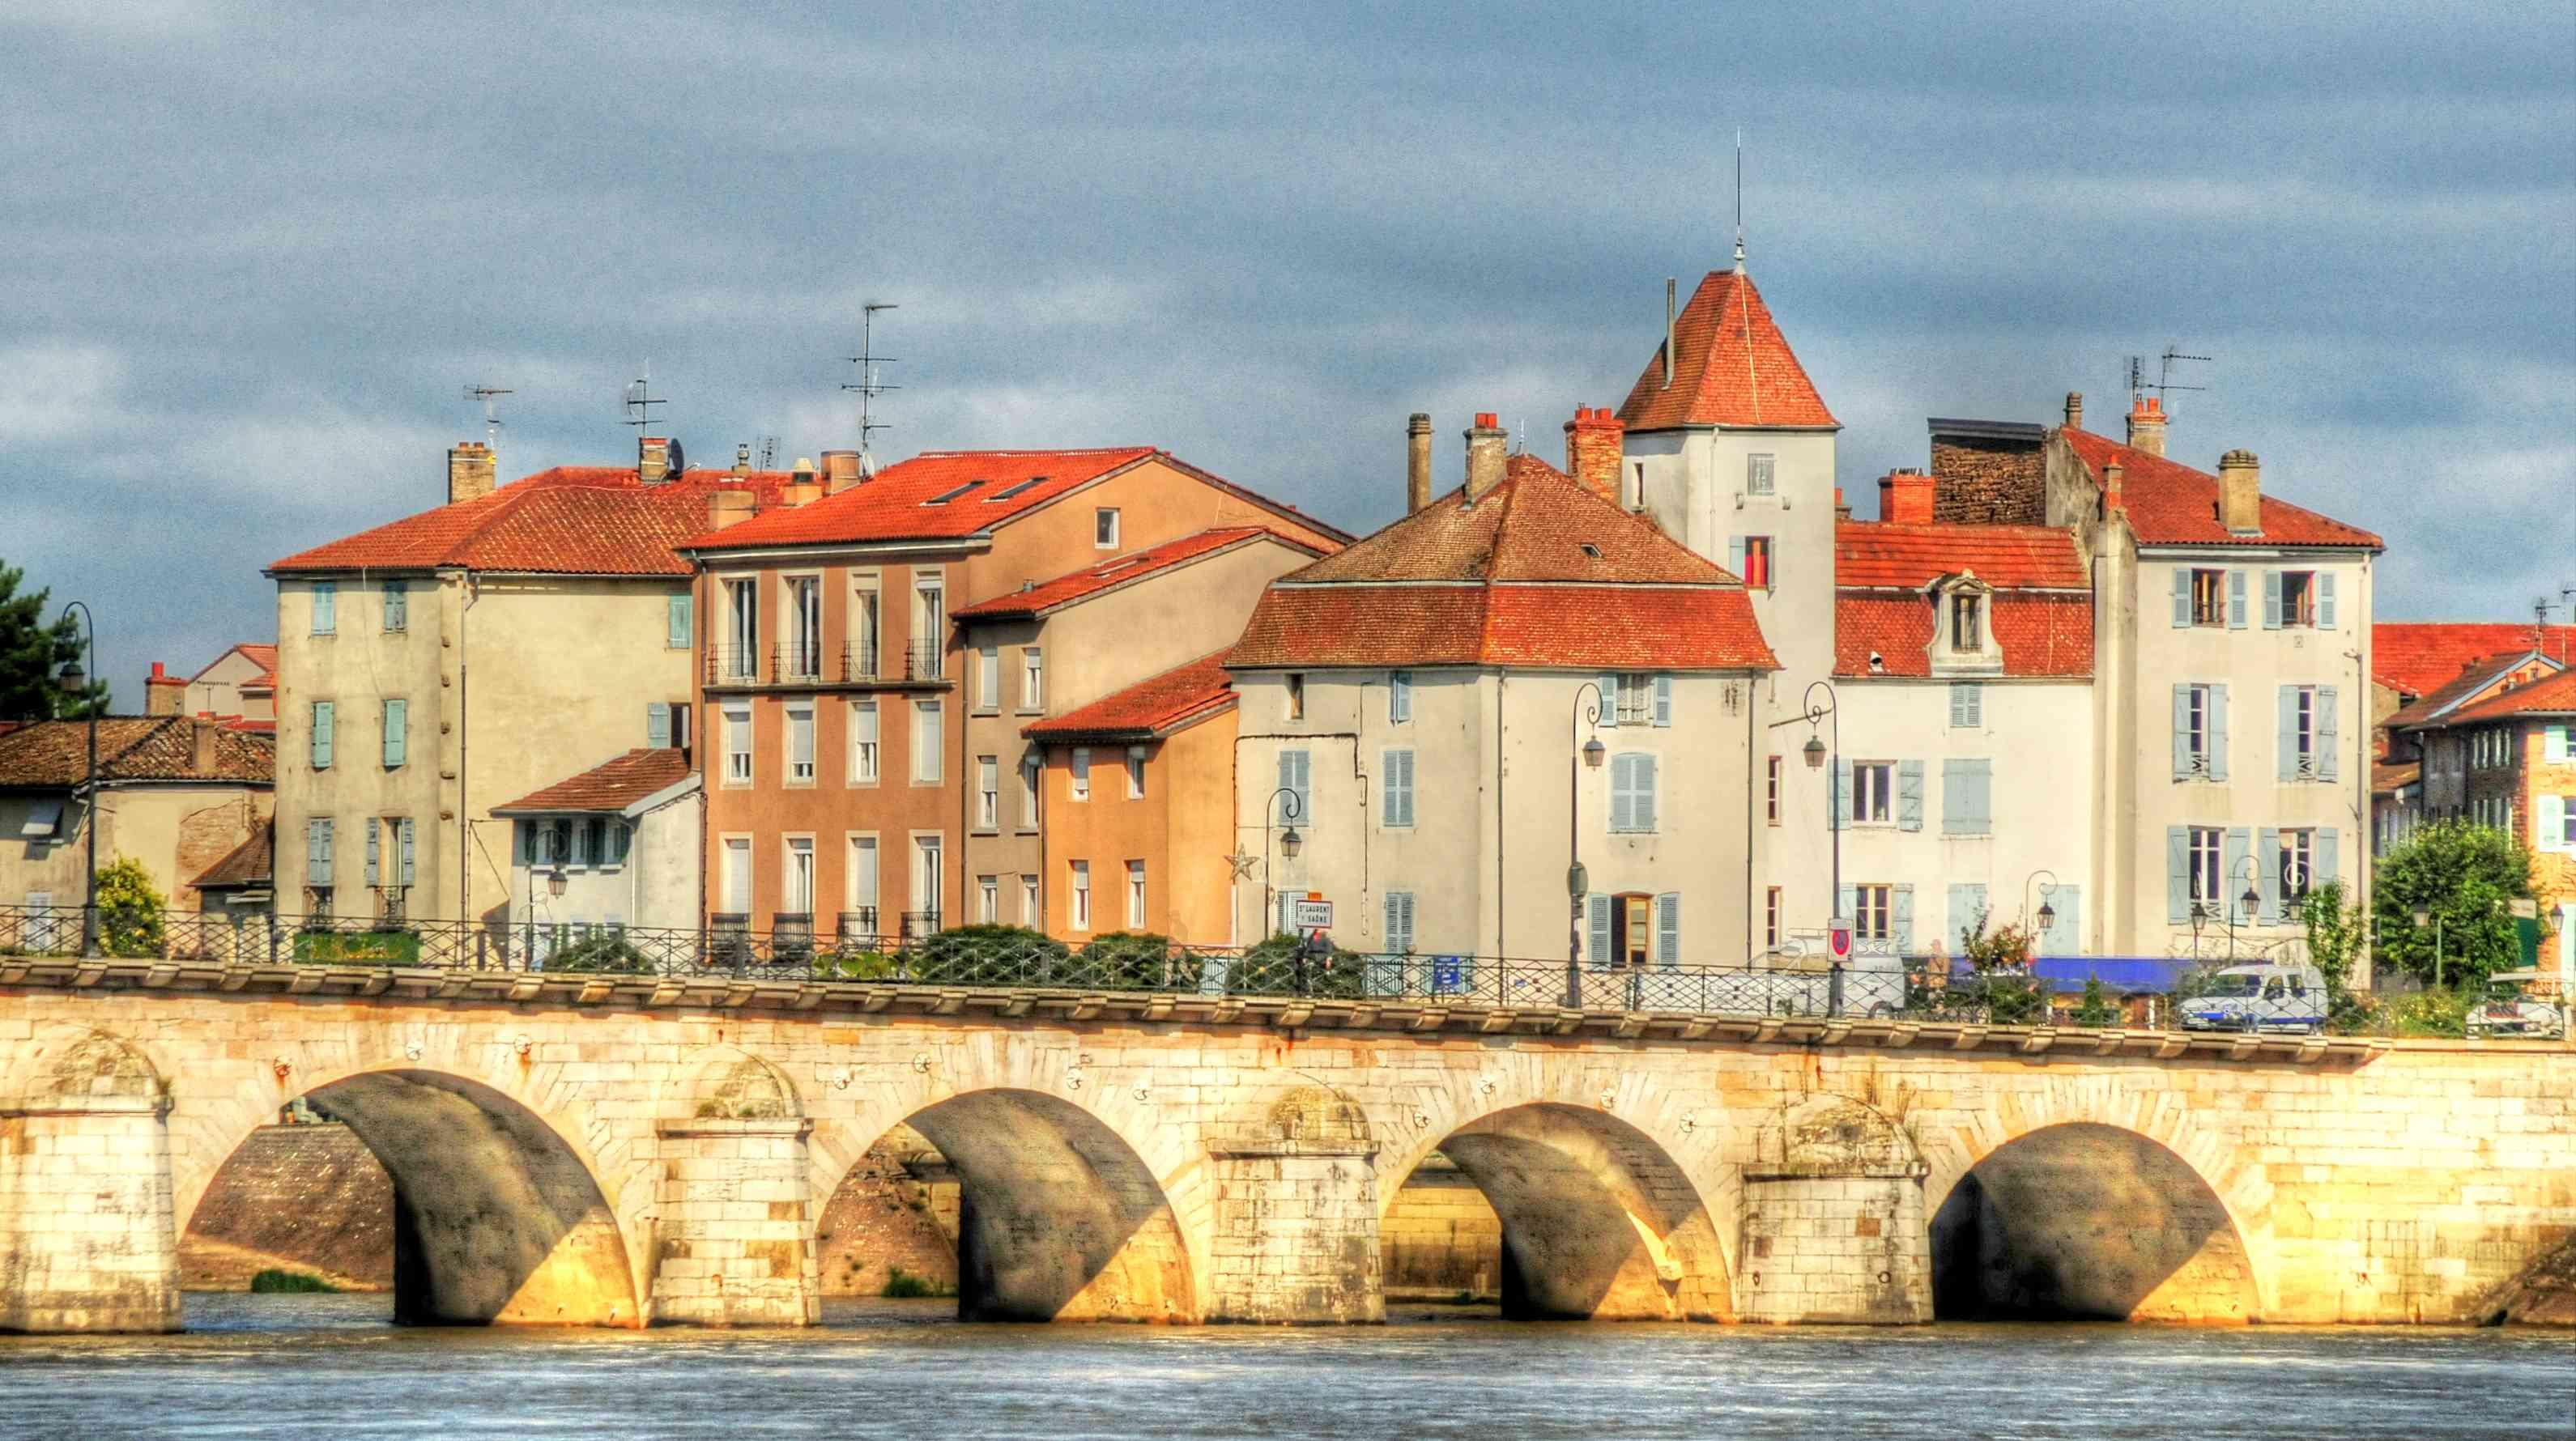 Mâcon, France, bridge over river Saône, south of Burgundy